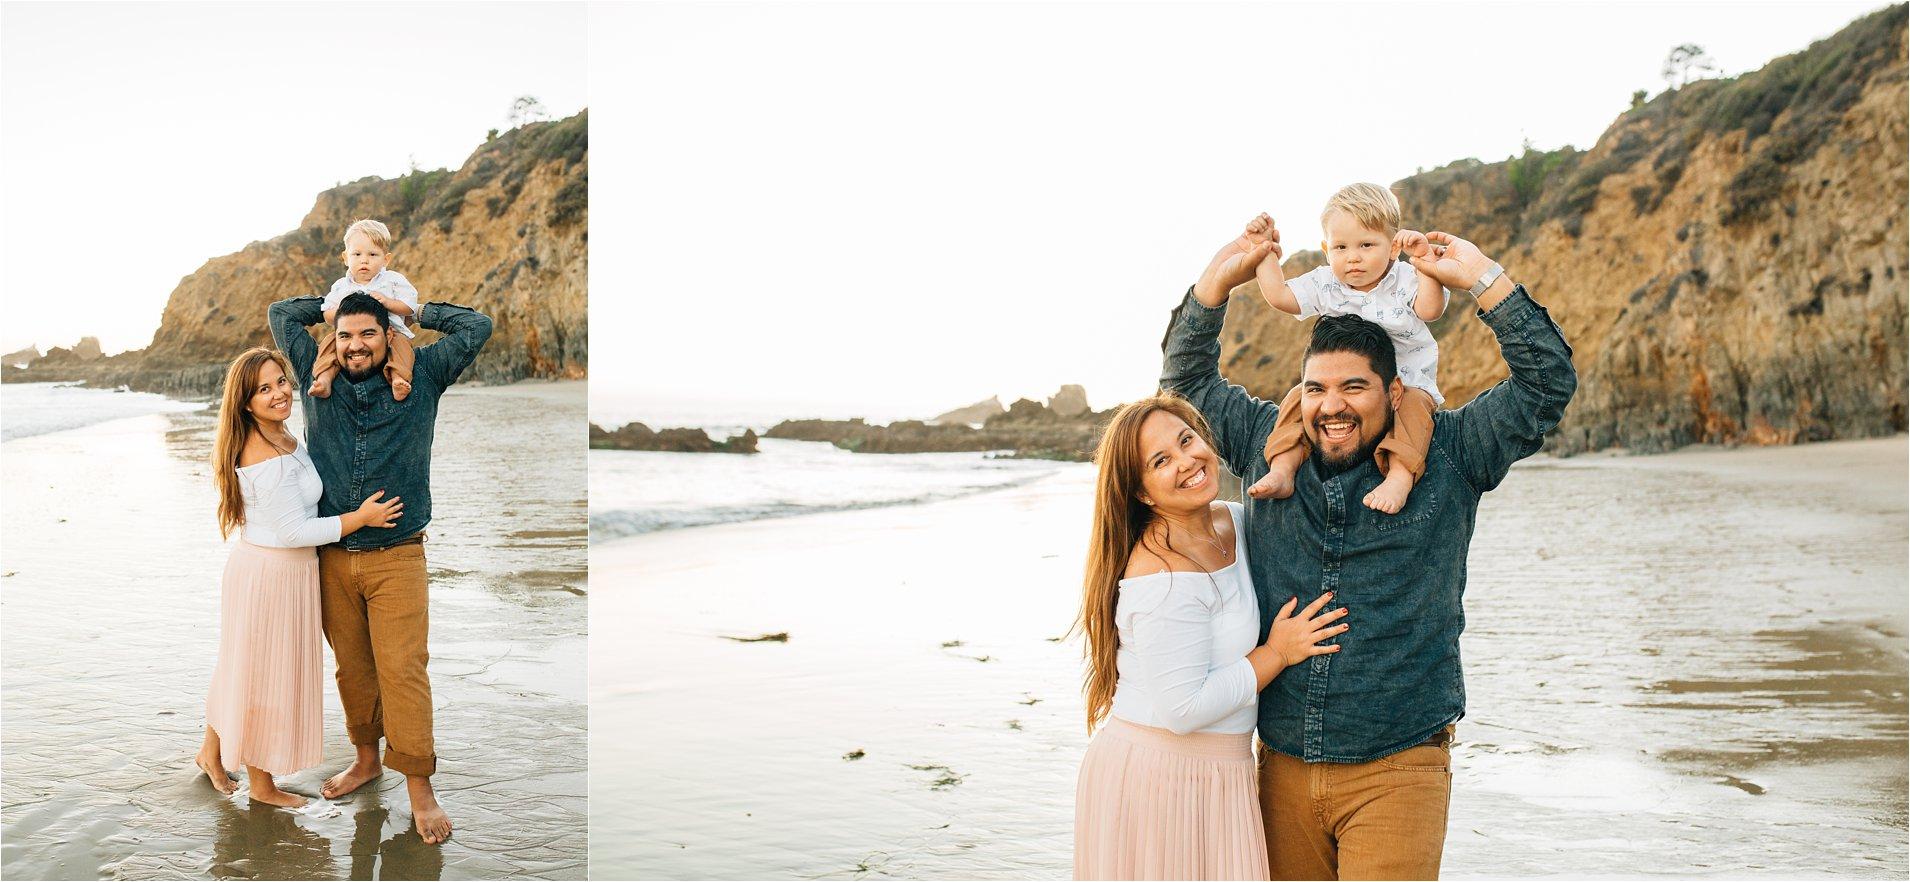 Playful Family Photos